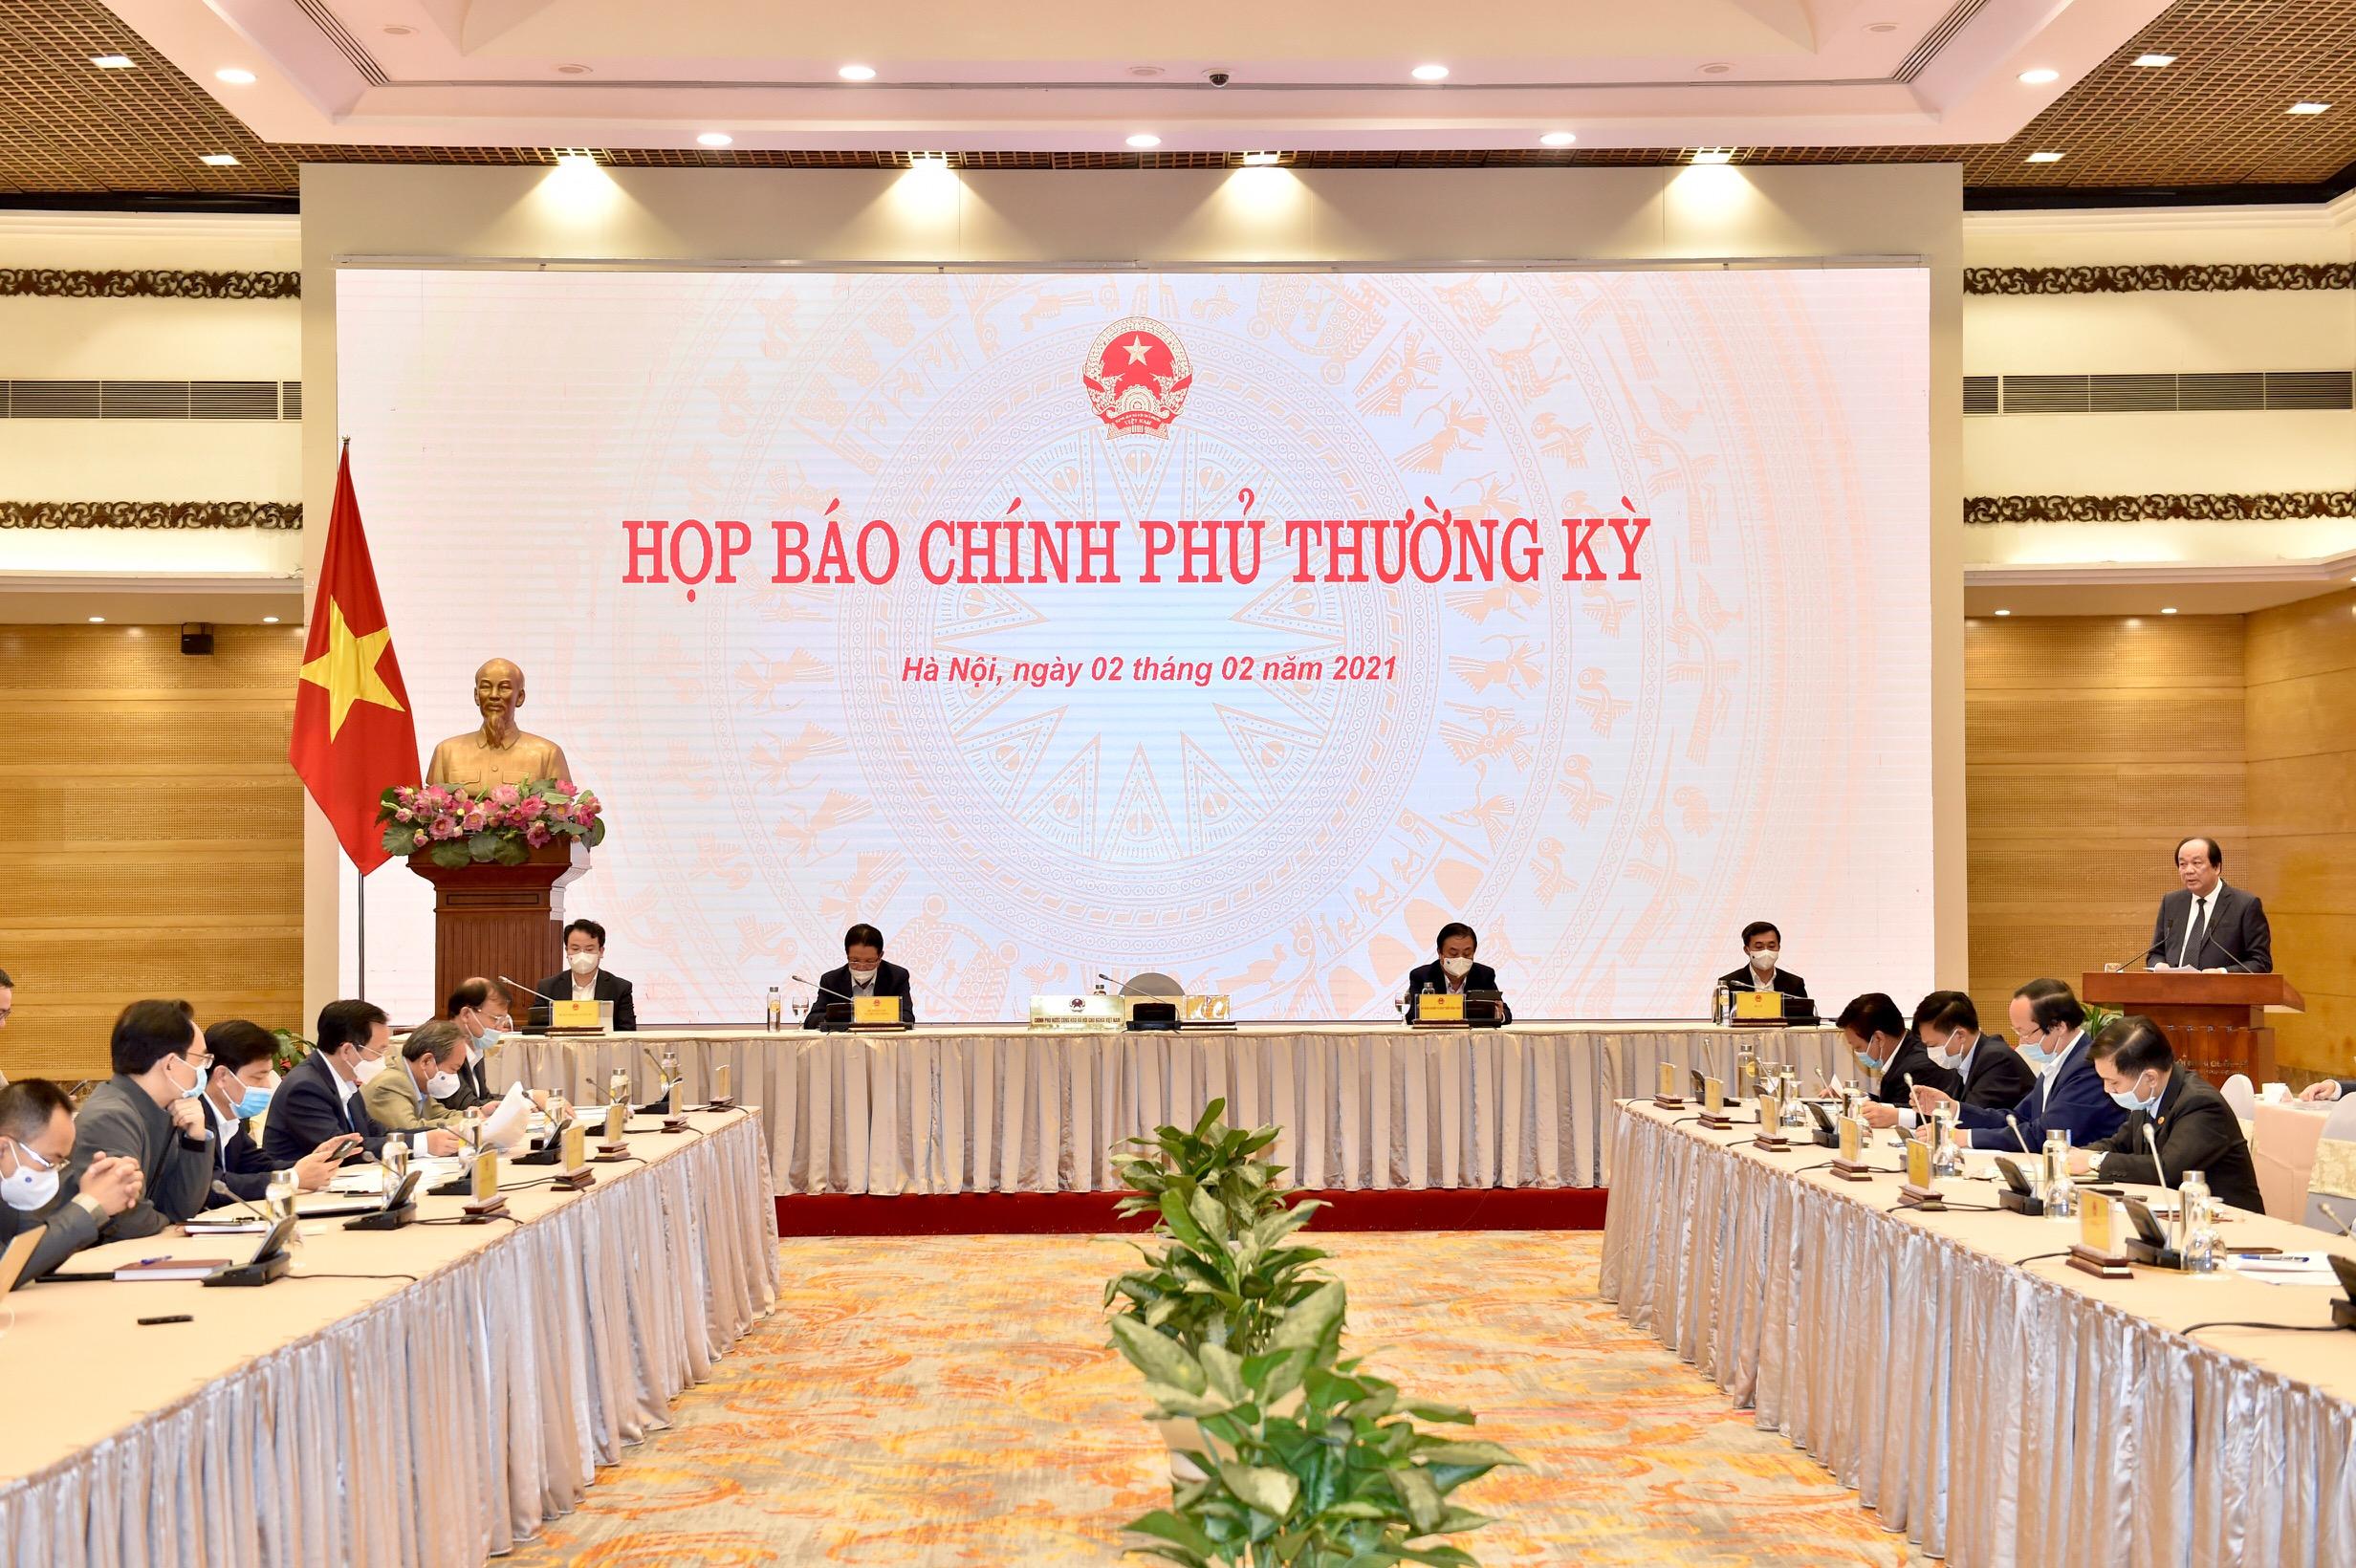 Chính phủ họp báo phiên thường kỳ đầu tiên của năm 2021